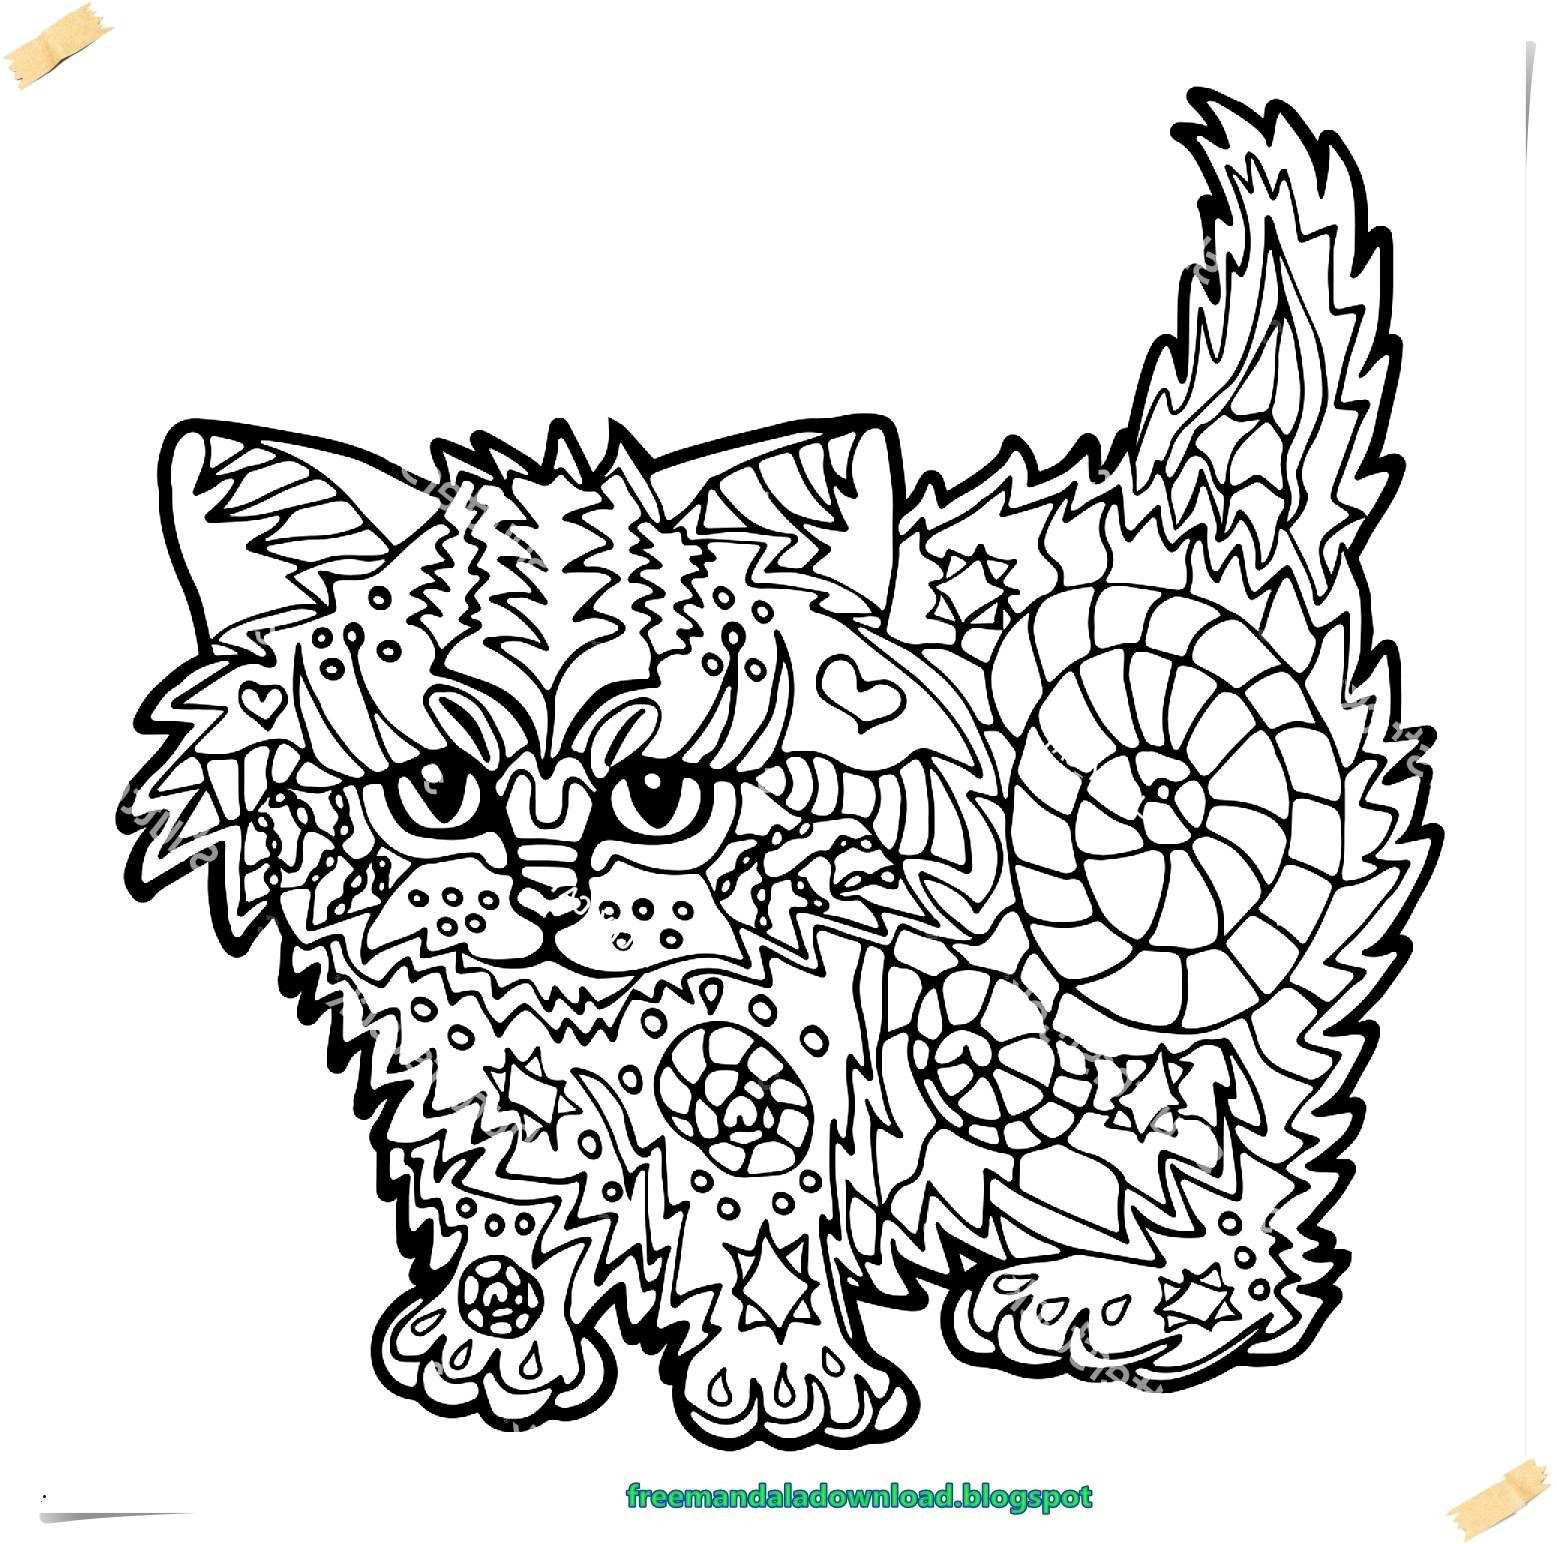 Malvorlagen Mandala Neu Hase Malen Vorlage Ideen 37 Hasen Malvorlagen Zum Ausdrucken S5d8 Fotos